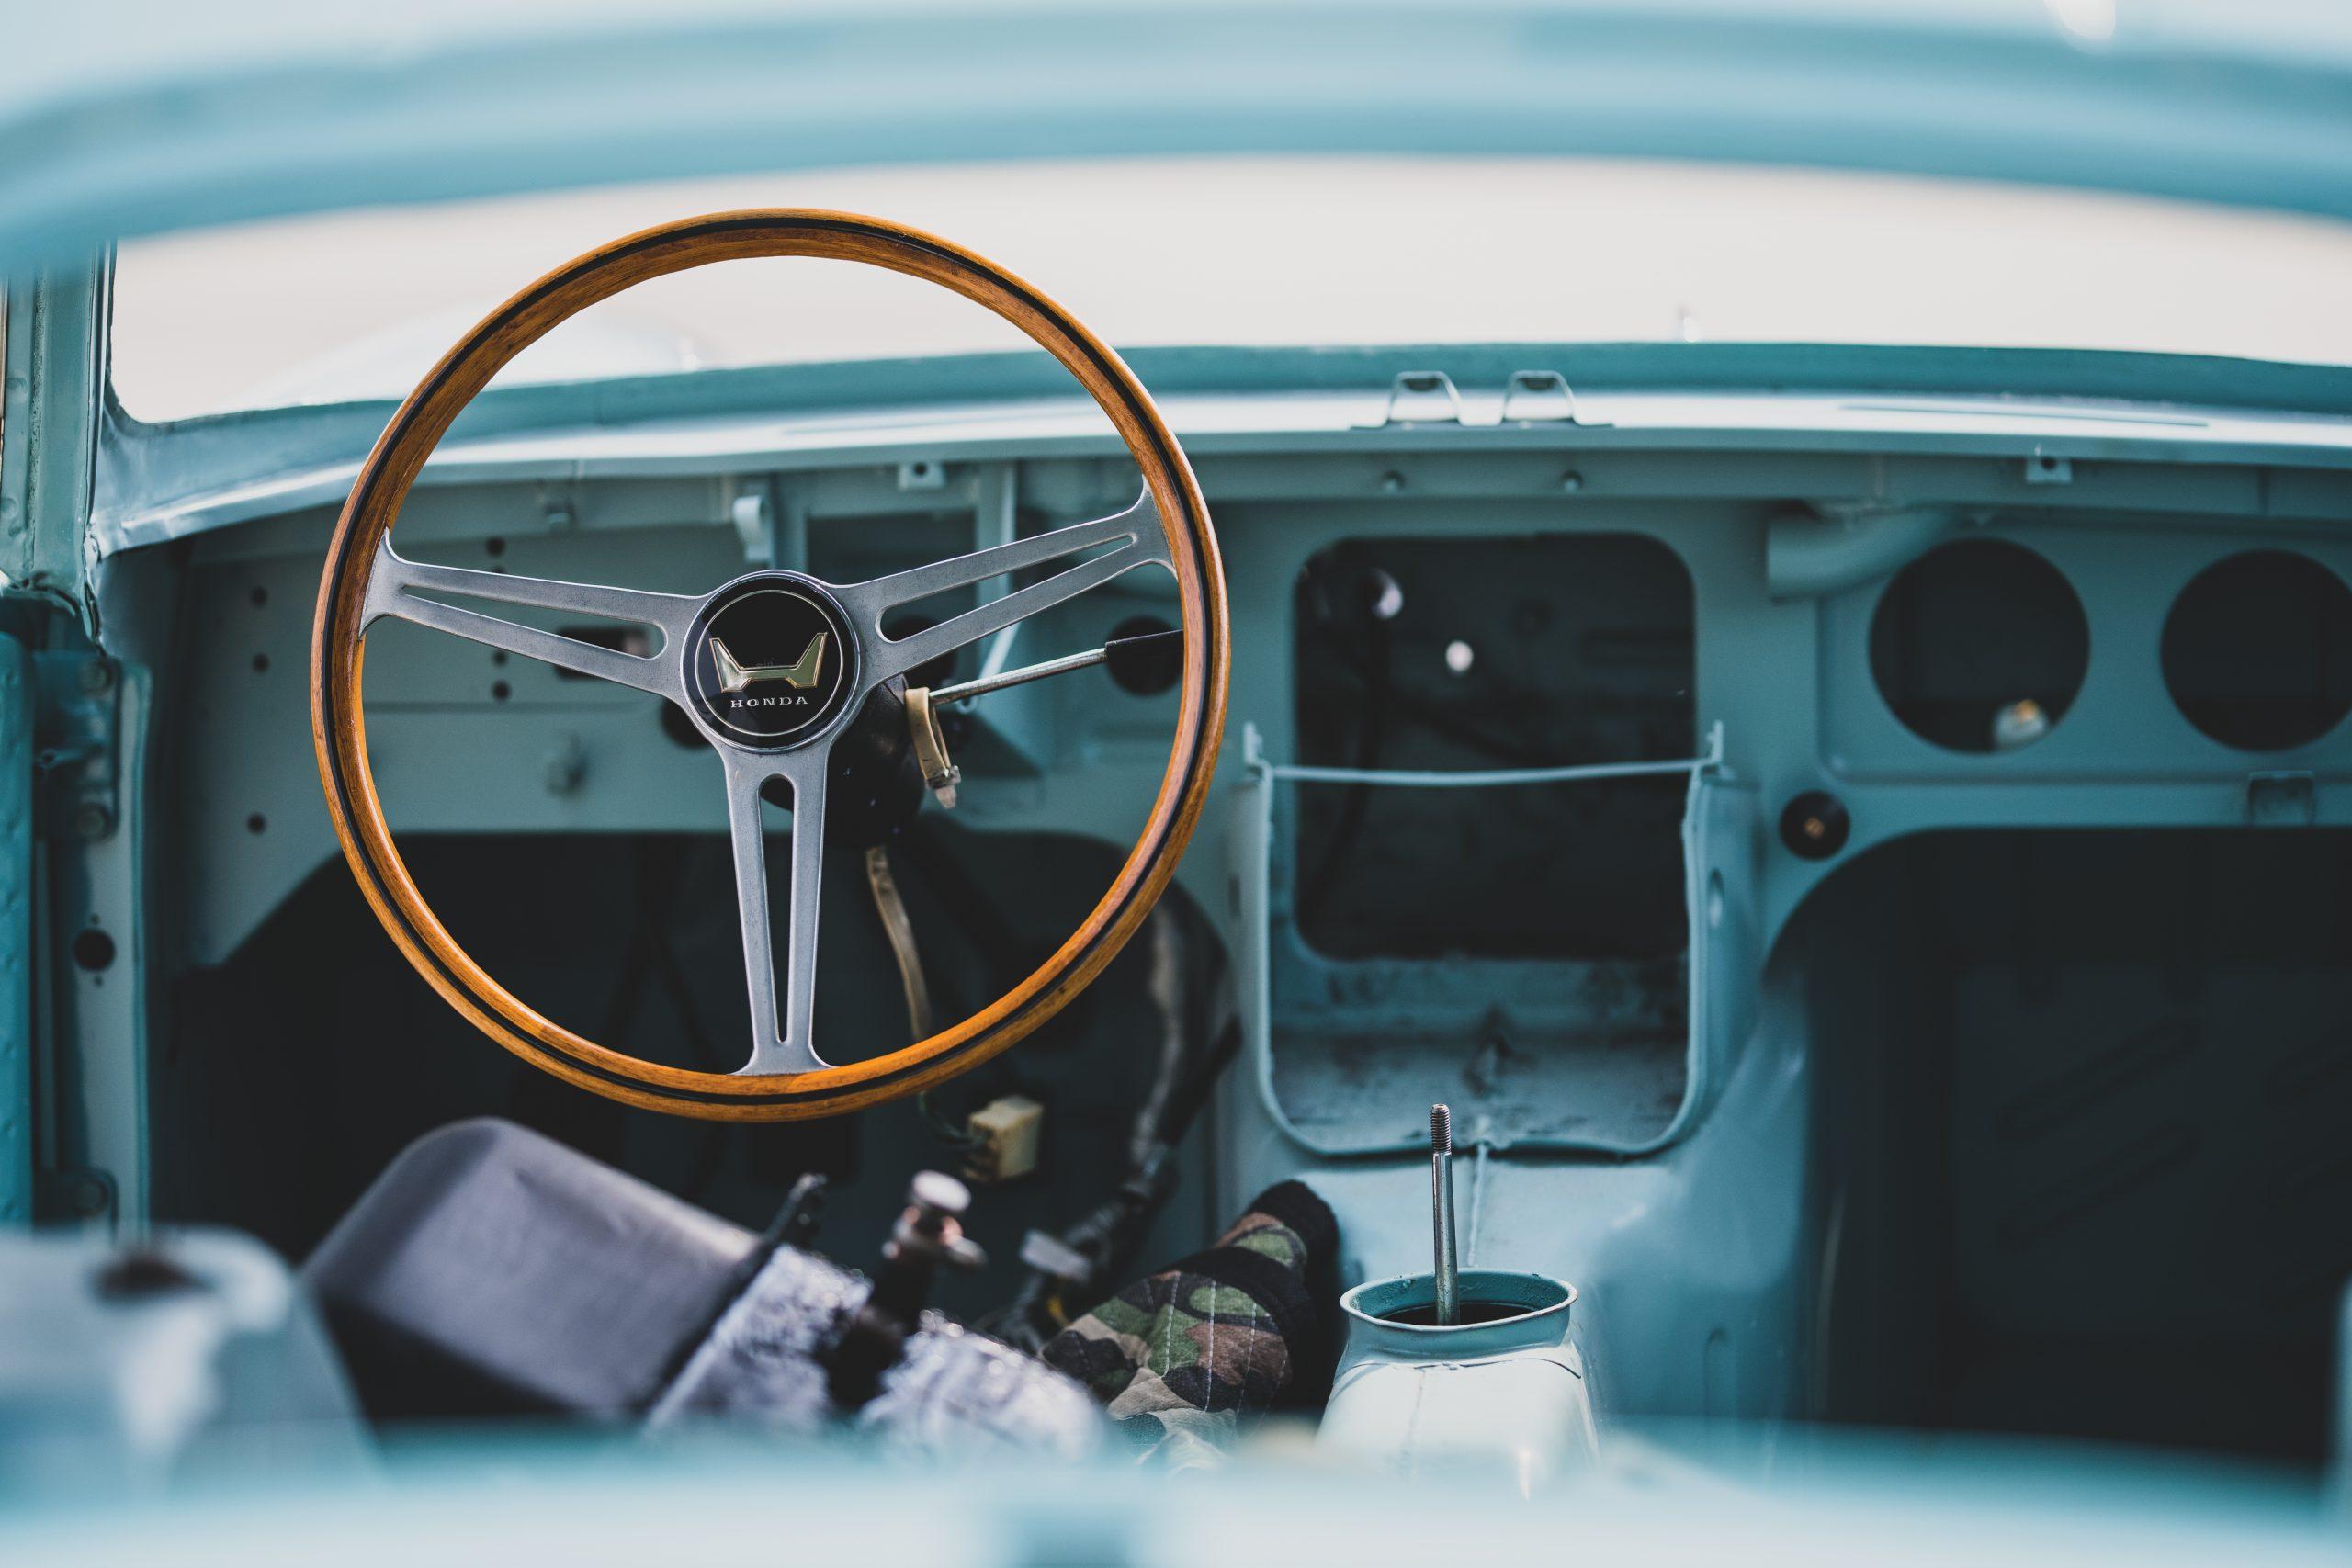 1966 Honda S600 Coupe interior